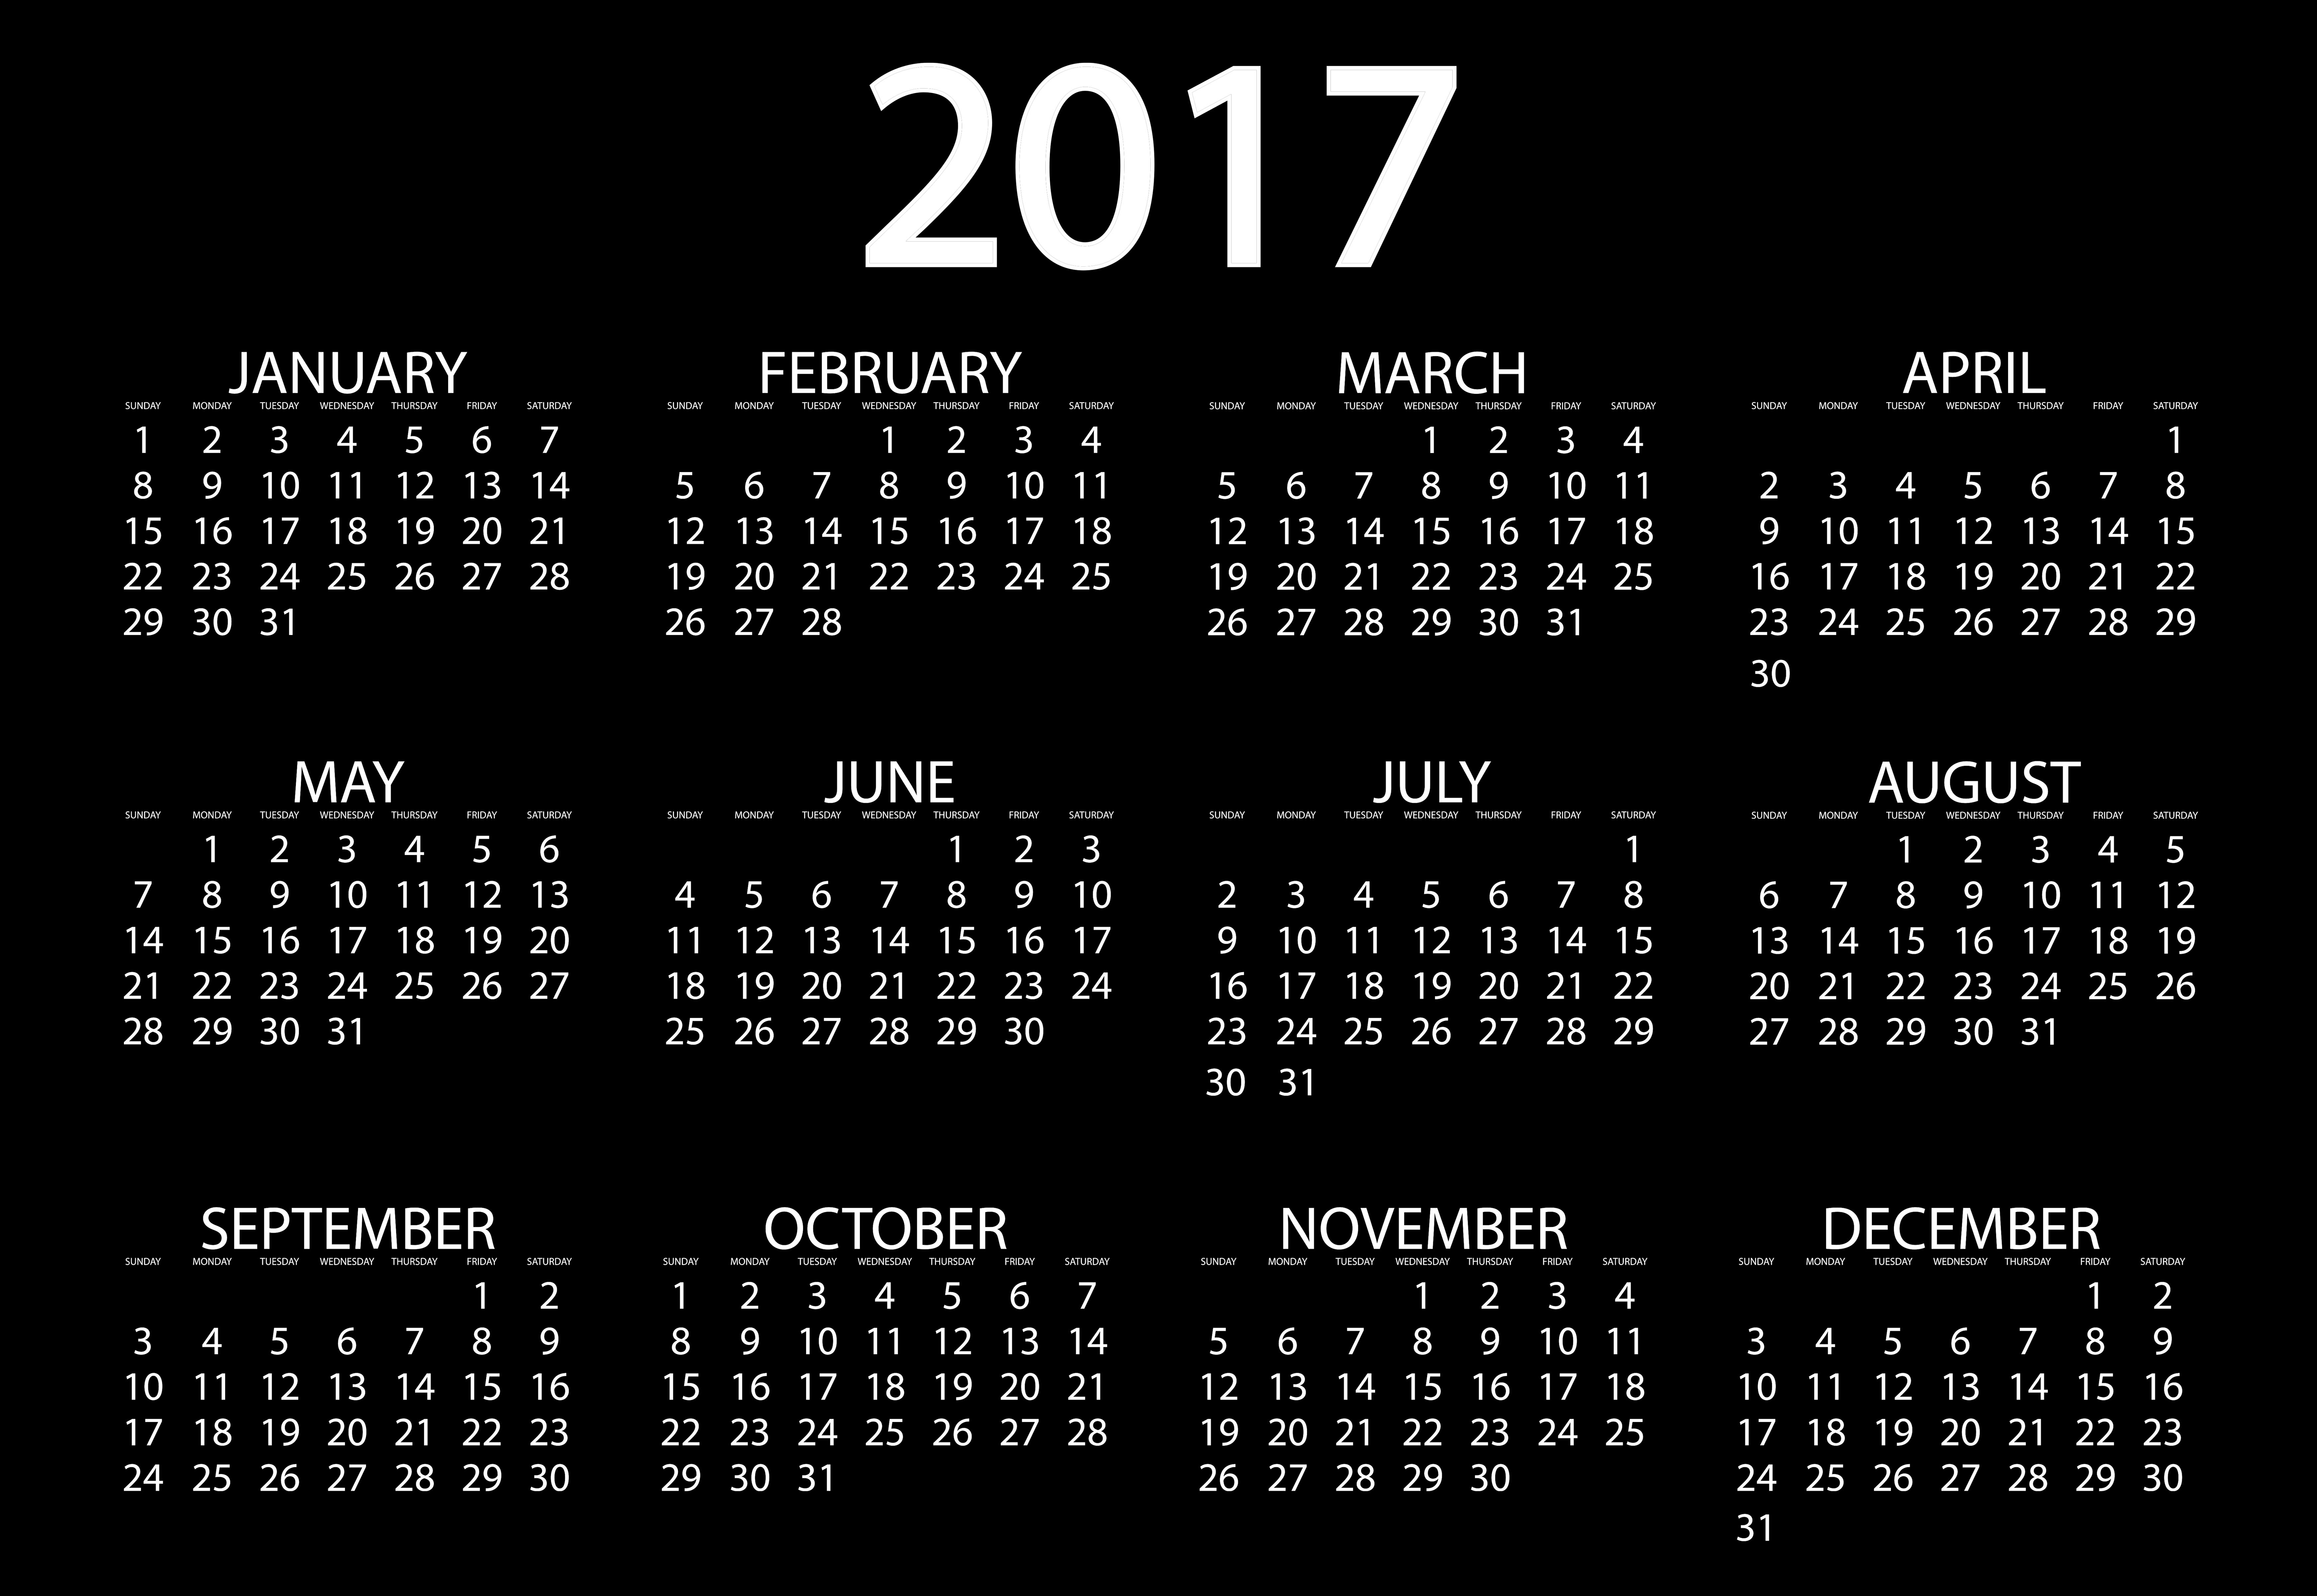 2017 Calendar Fondos de pantalla, Fondos de escritorio  6976x4805  ID:711524